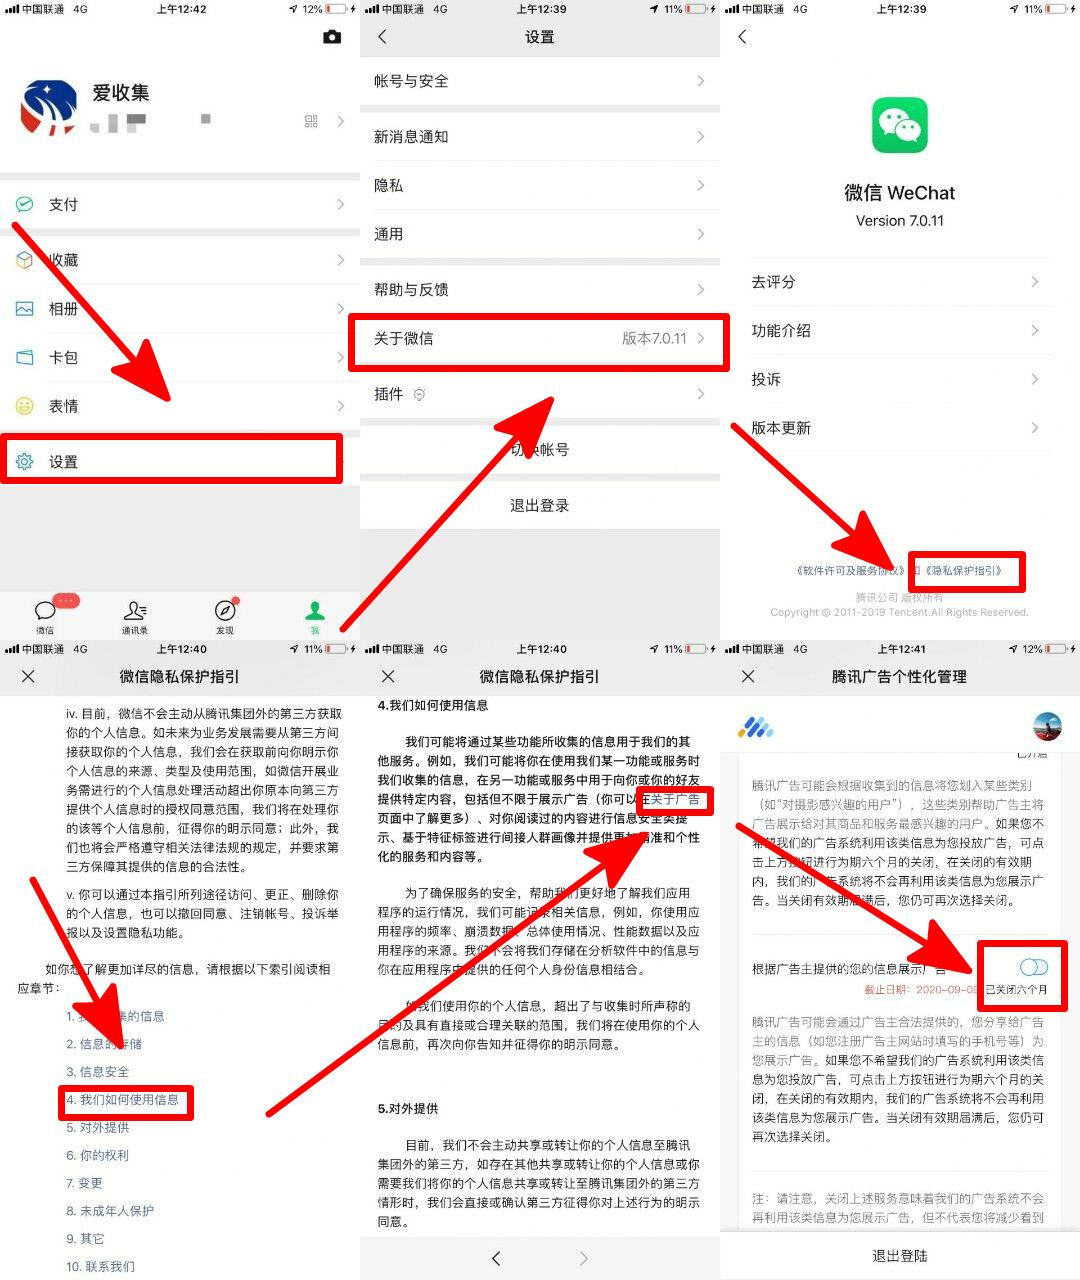 屏蔽微信朋友圈的系统广告方法-云奇网